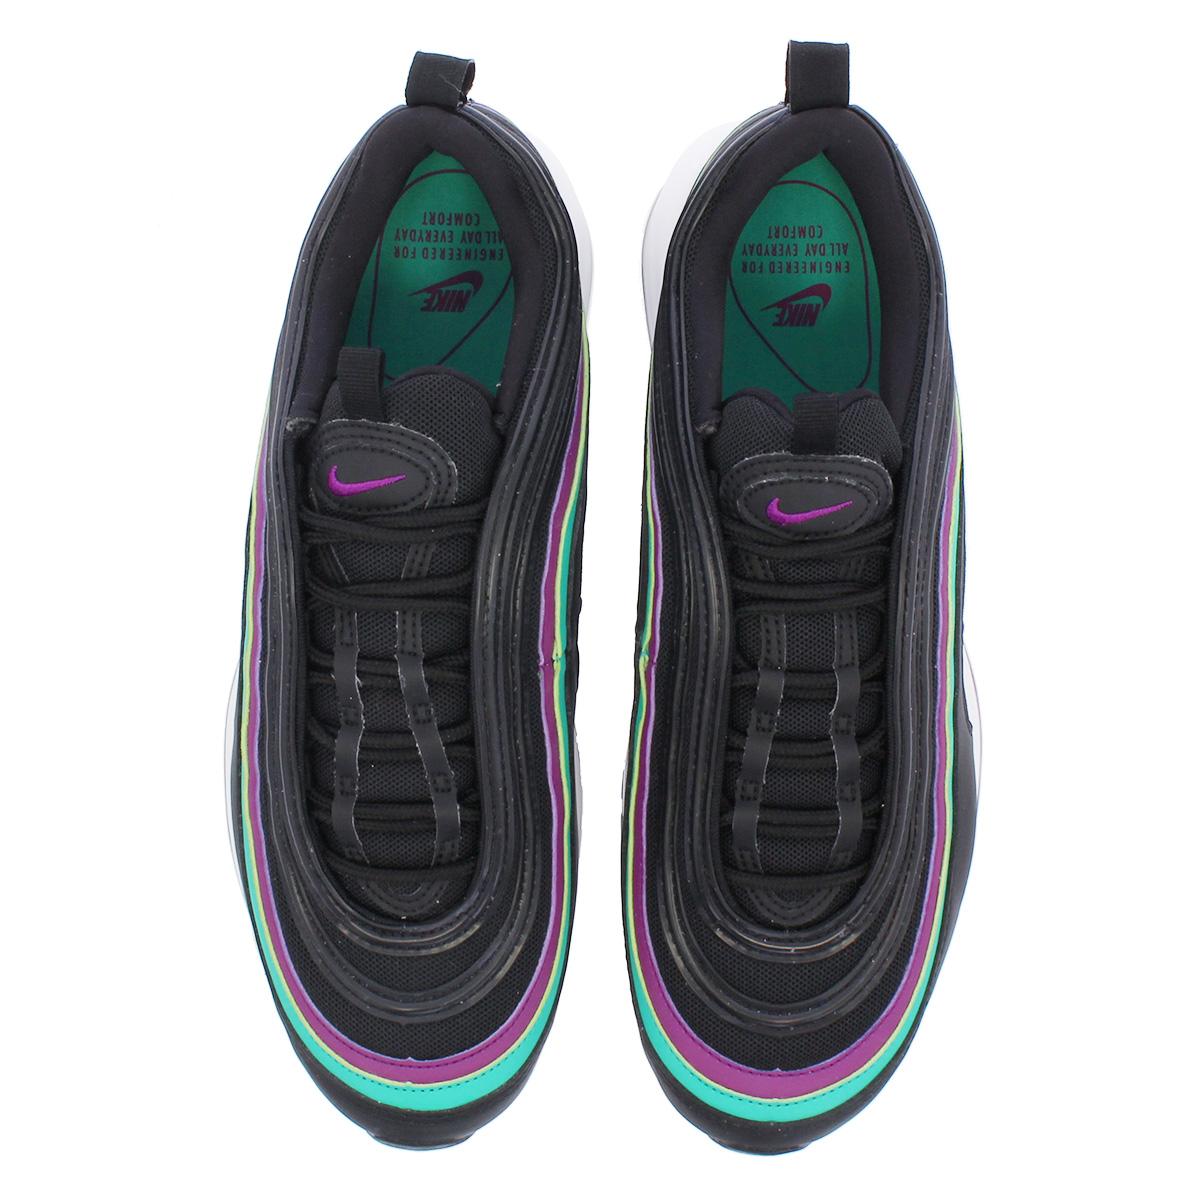 buy online 0fb7d 80989 NIKE WMNS AIR MAX 97 Nike women Air Max 97 BLACK BRIGHT GRAPE CLEAR EMERALD  921,733-008